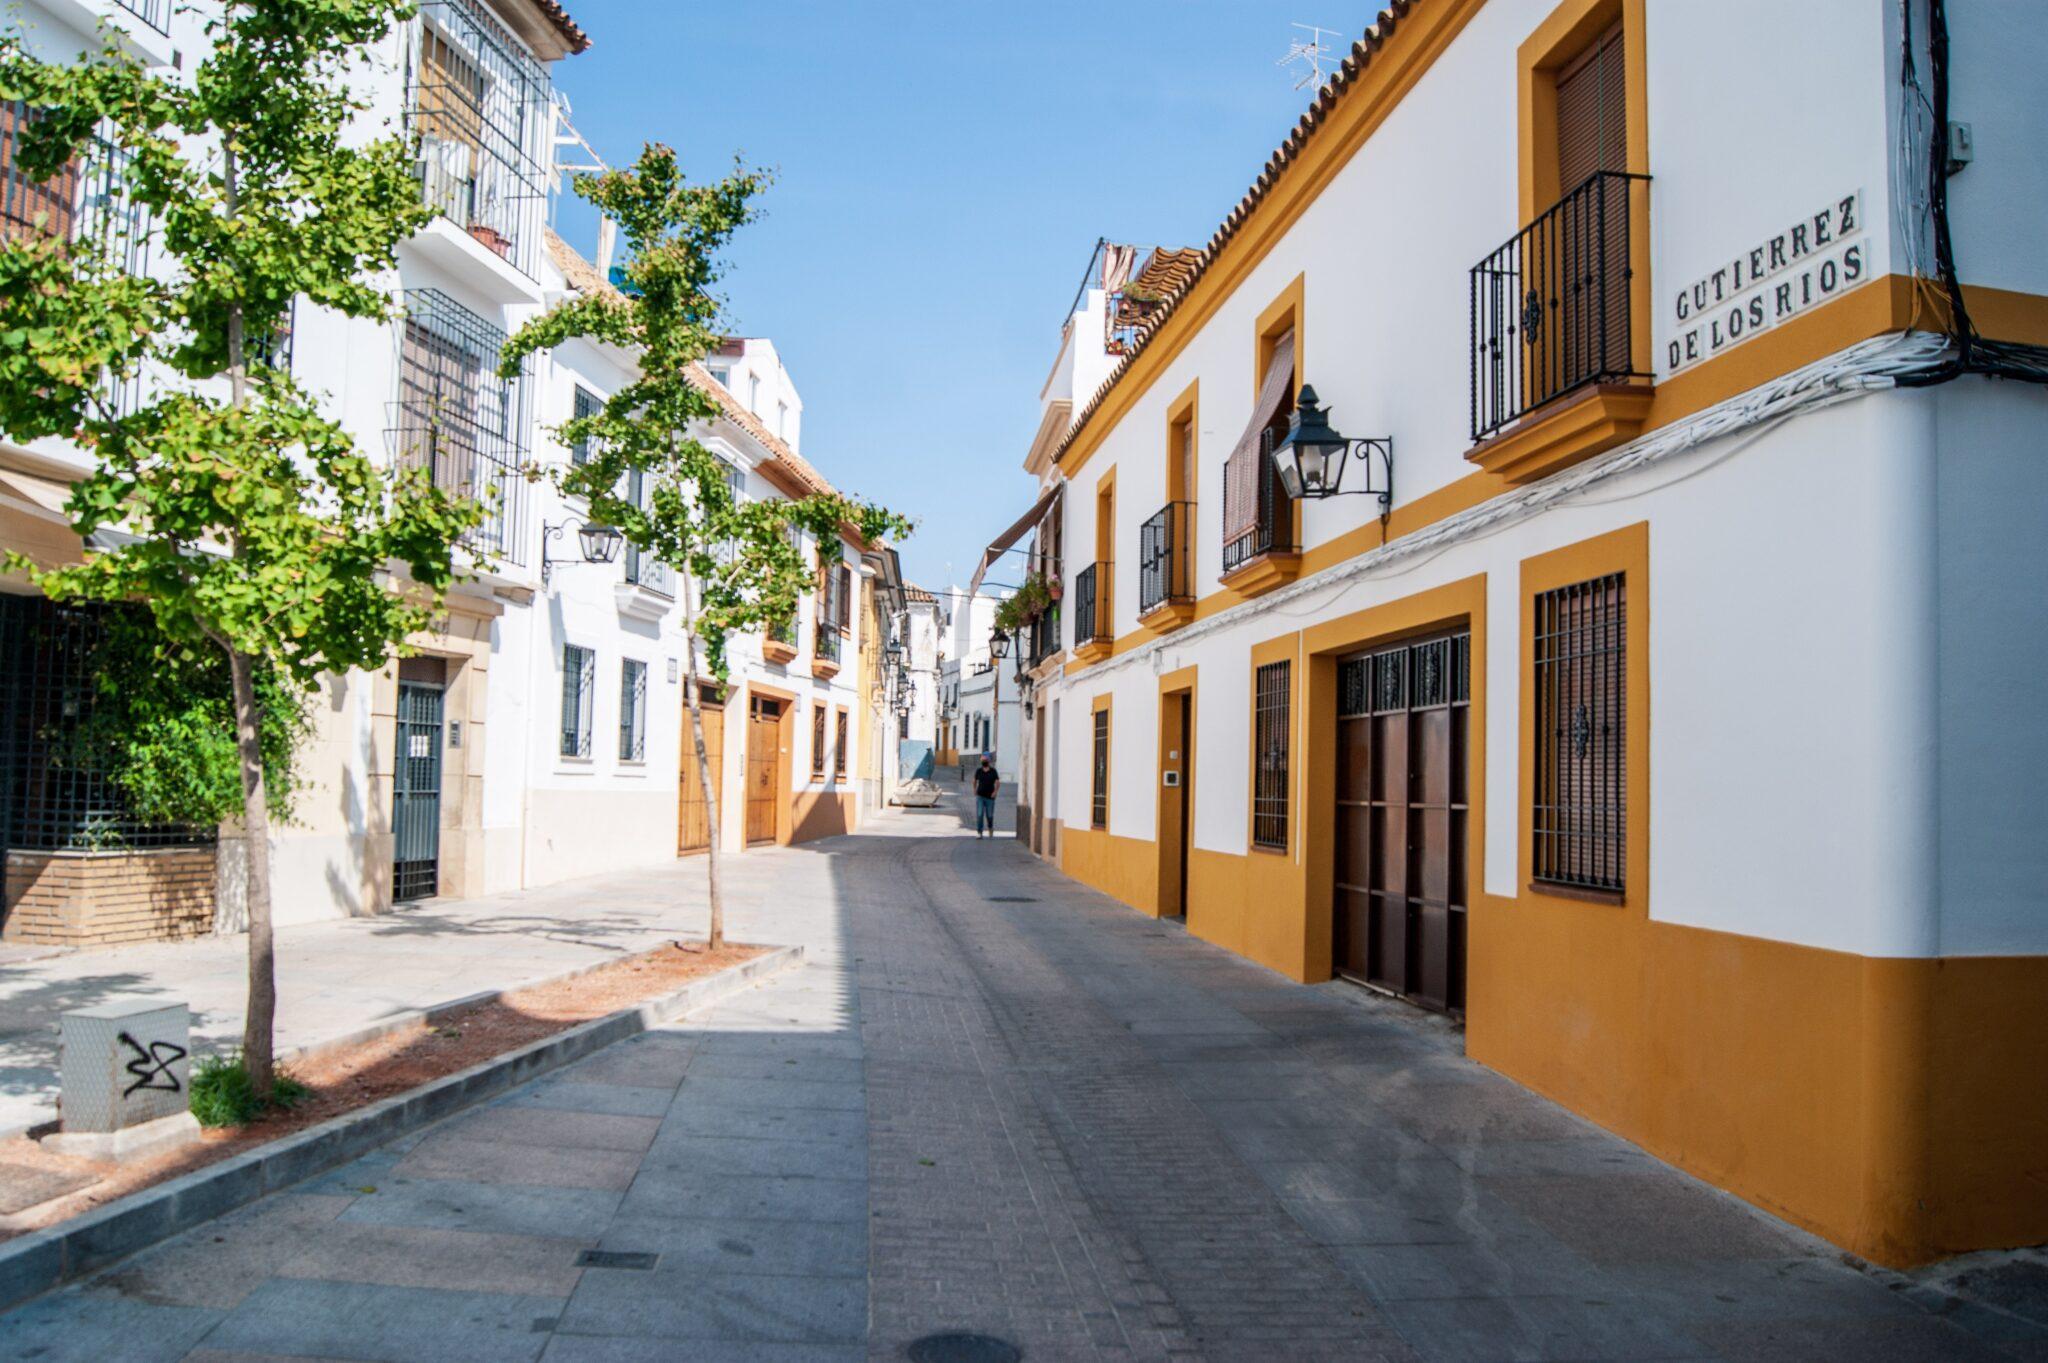 Dónde dormir en Córdoba: 5 hoteles recomendados